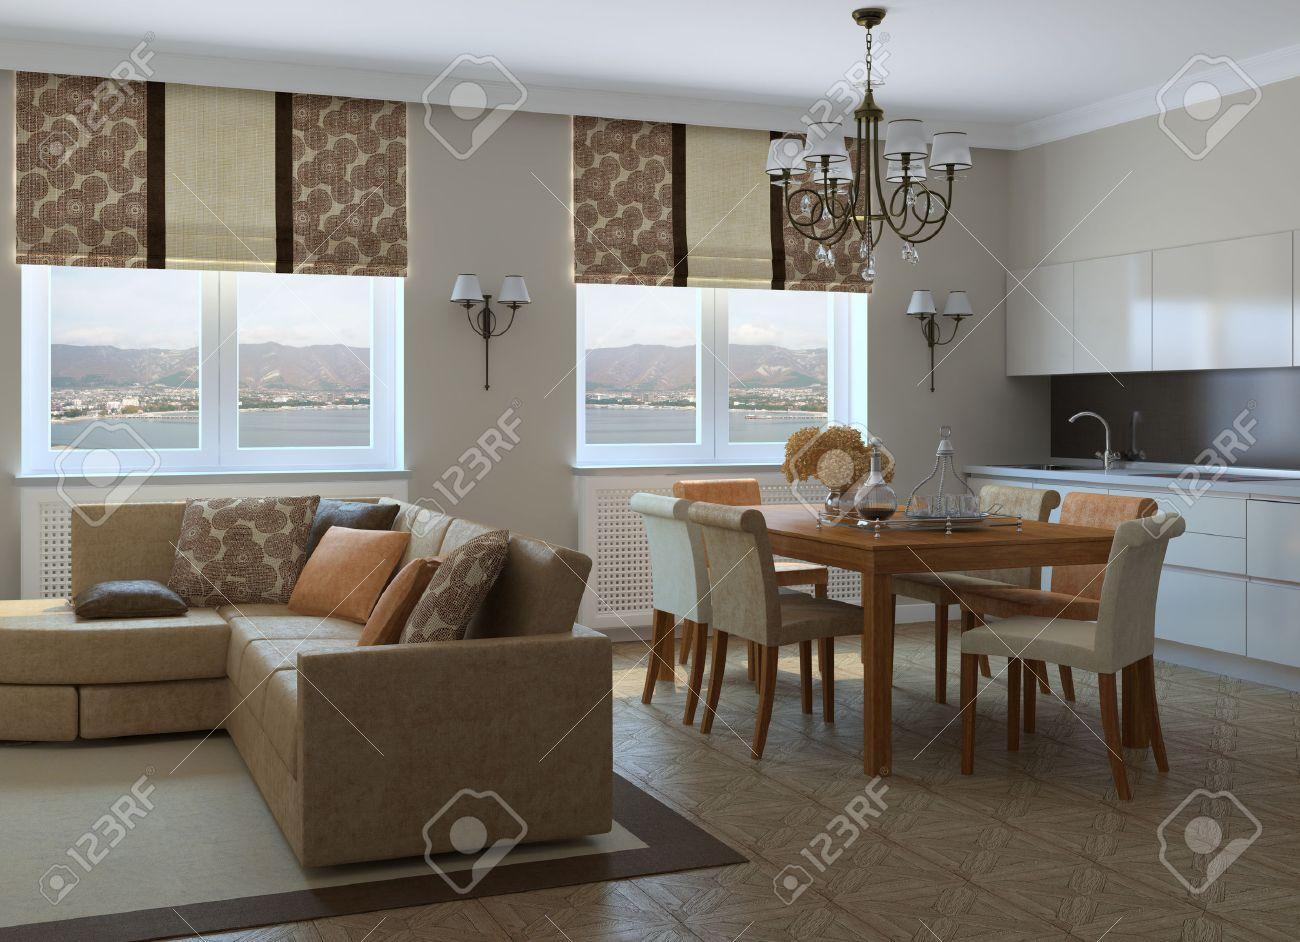 foto de archivo moderna sala de estar con comedor y cocina d foto detrs de la ventana fue hecha por m with disear cocina d